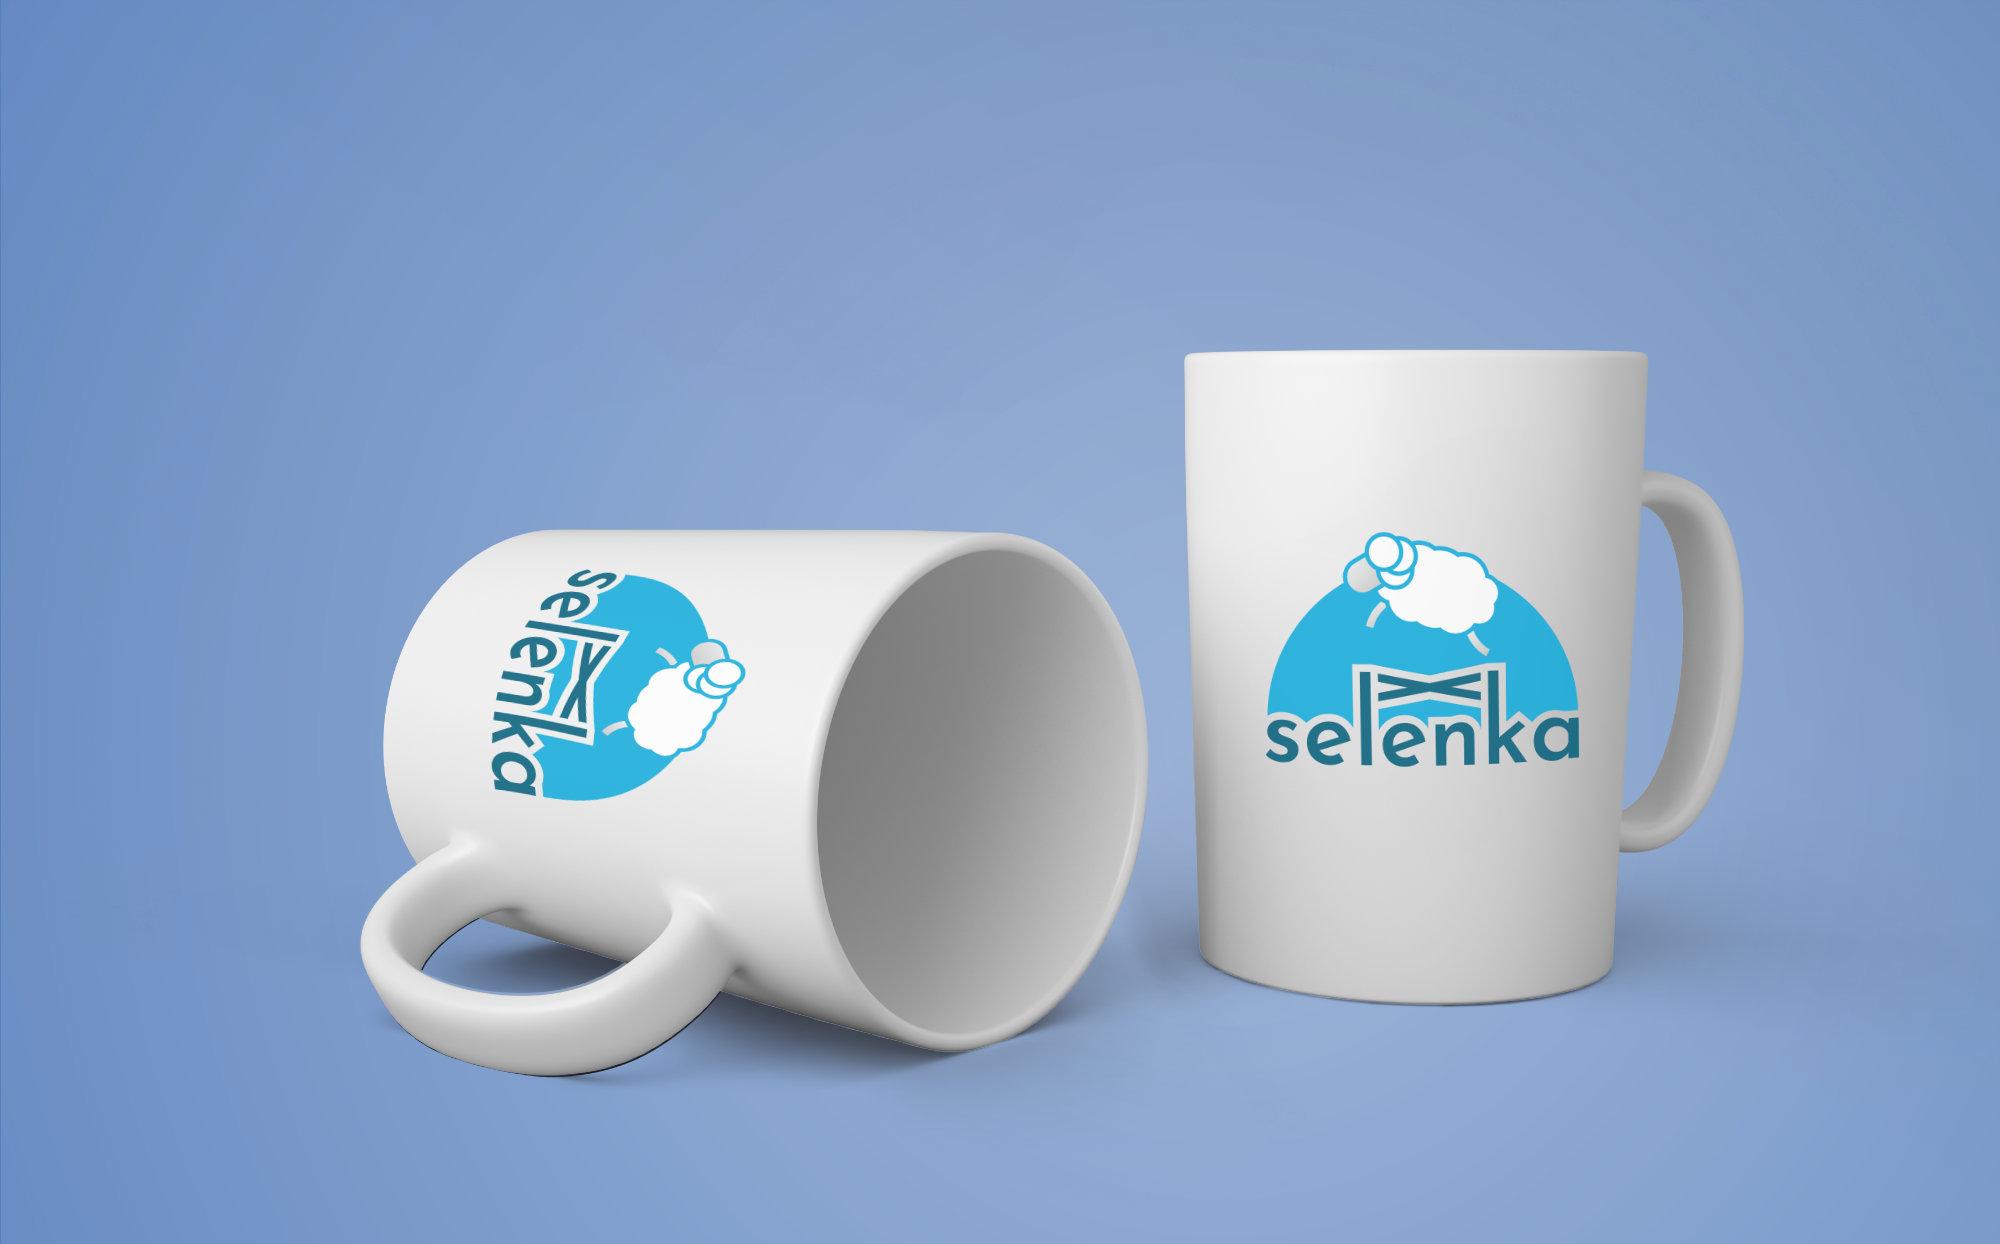 Selenka